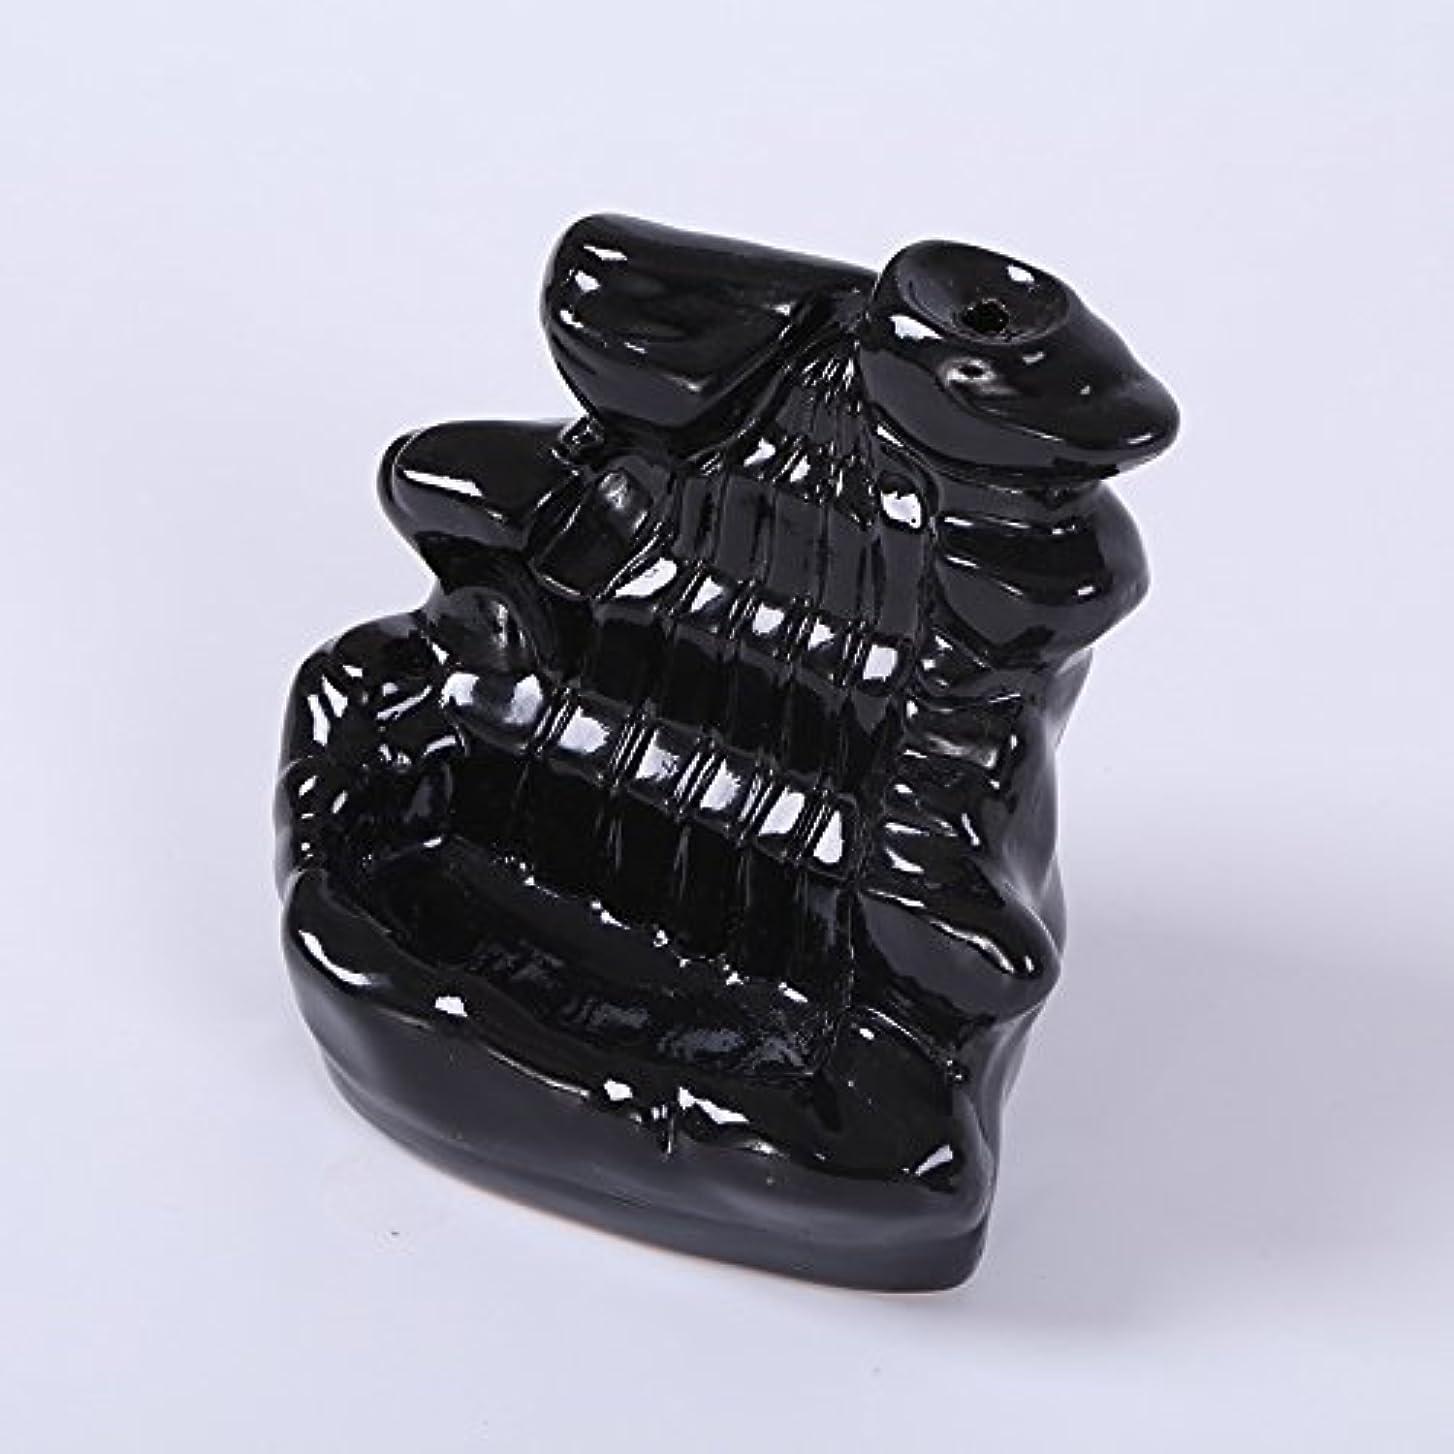 挽く誇張スポンジKicode ブラック 滝の磁器の逆流 セラミックコーン 香炉 ホルダー仏教ホームオフィスデコレーション